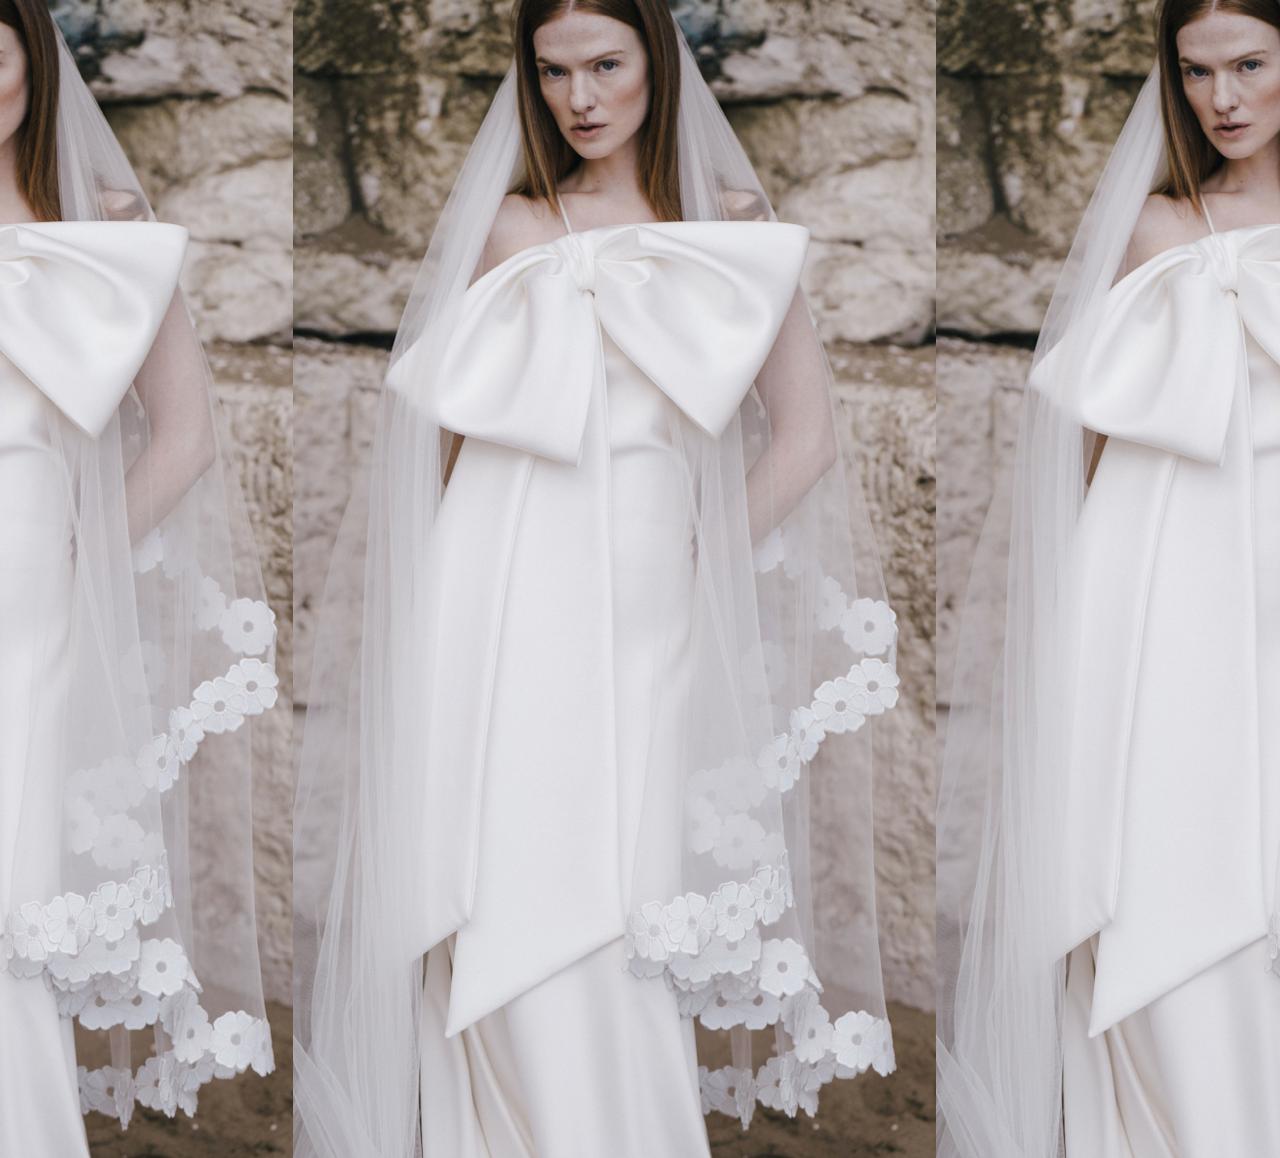 'Unveiled': La nueva colección de vestidos de novia 2022 de Halfpenny London